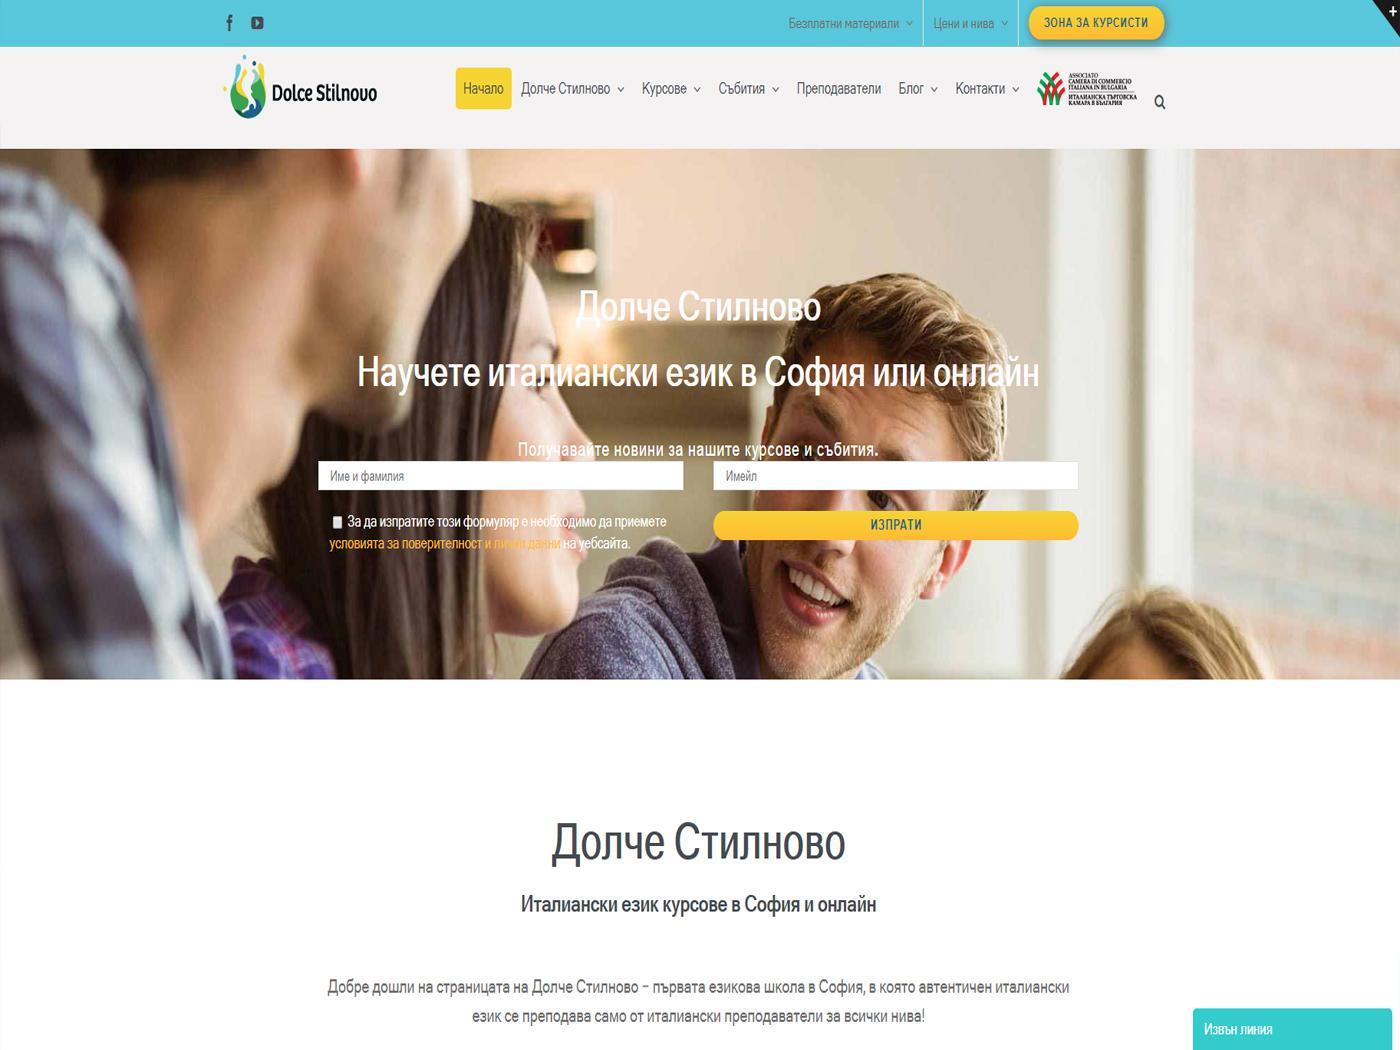 Κατασκευή ιστοσελίδας φροντιστηρίου ιταλικών - SEO & Google Ads